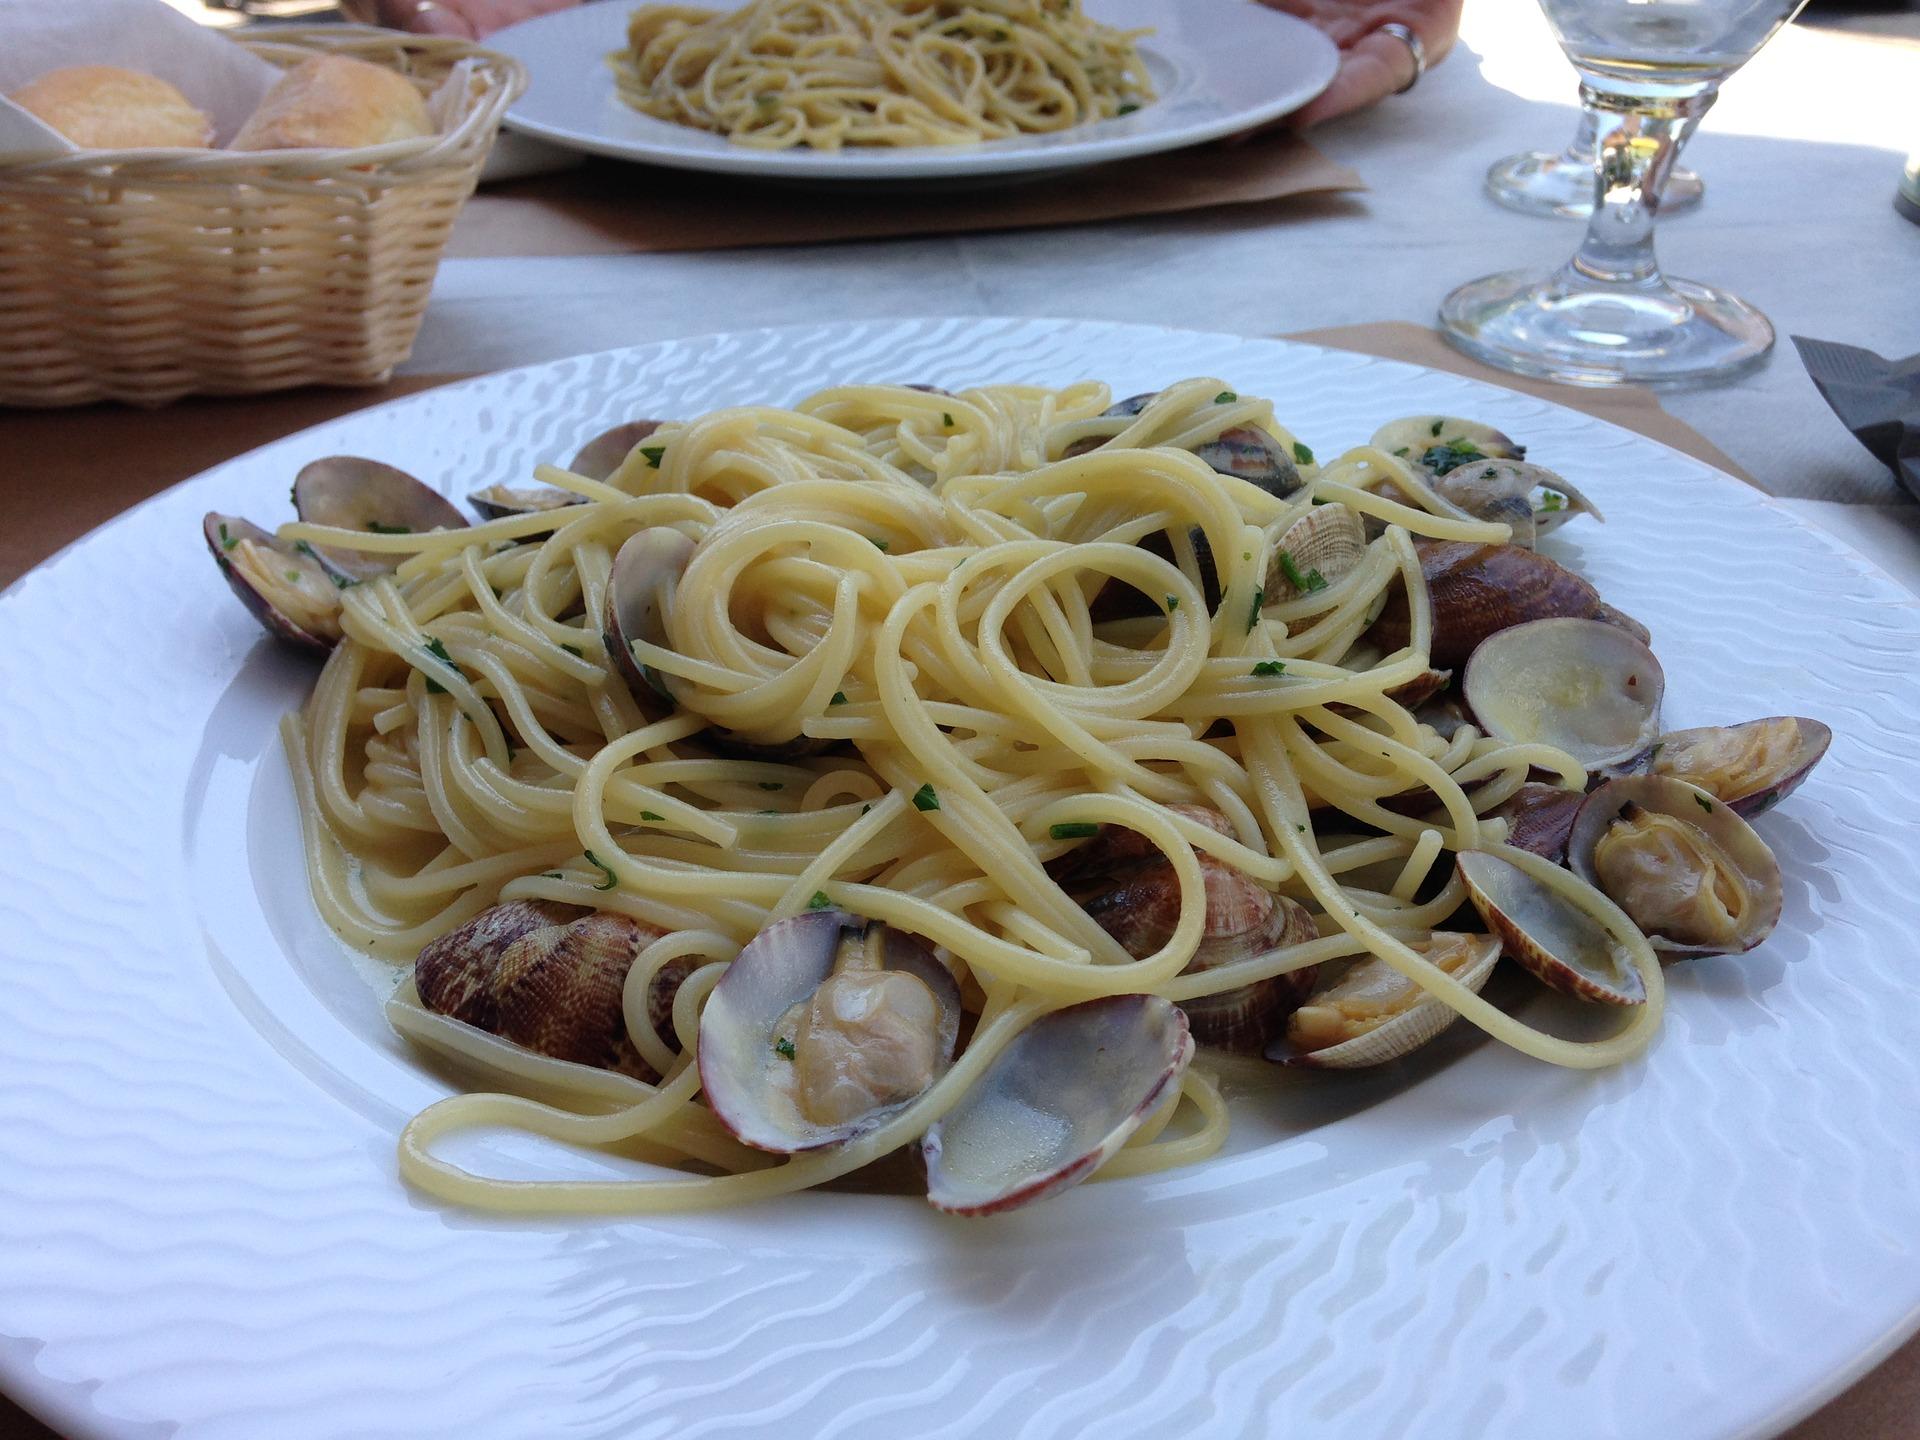 pranzo di natale tradizionale sardo